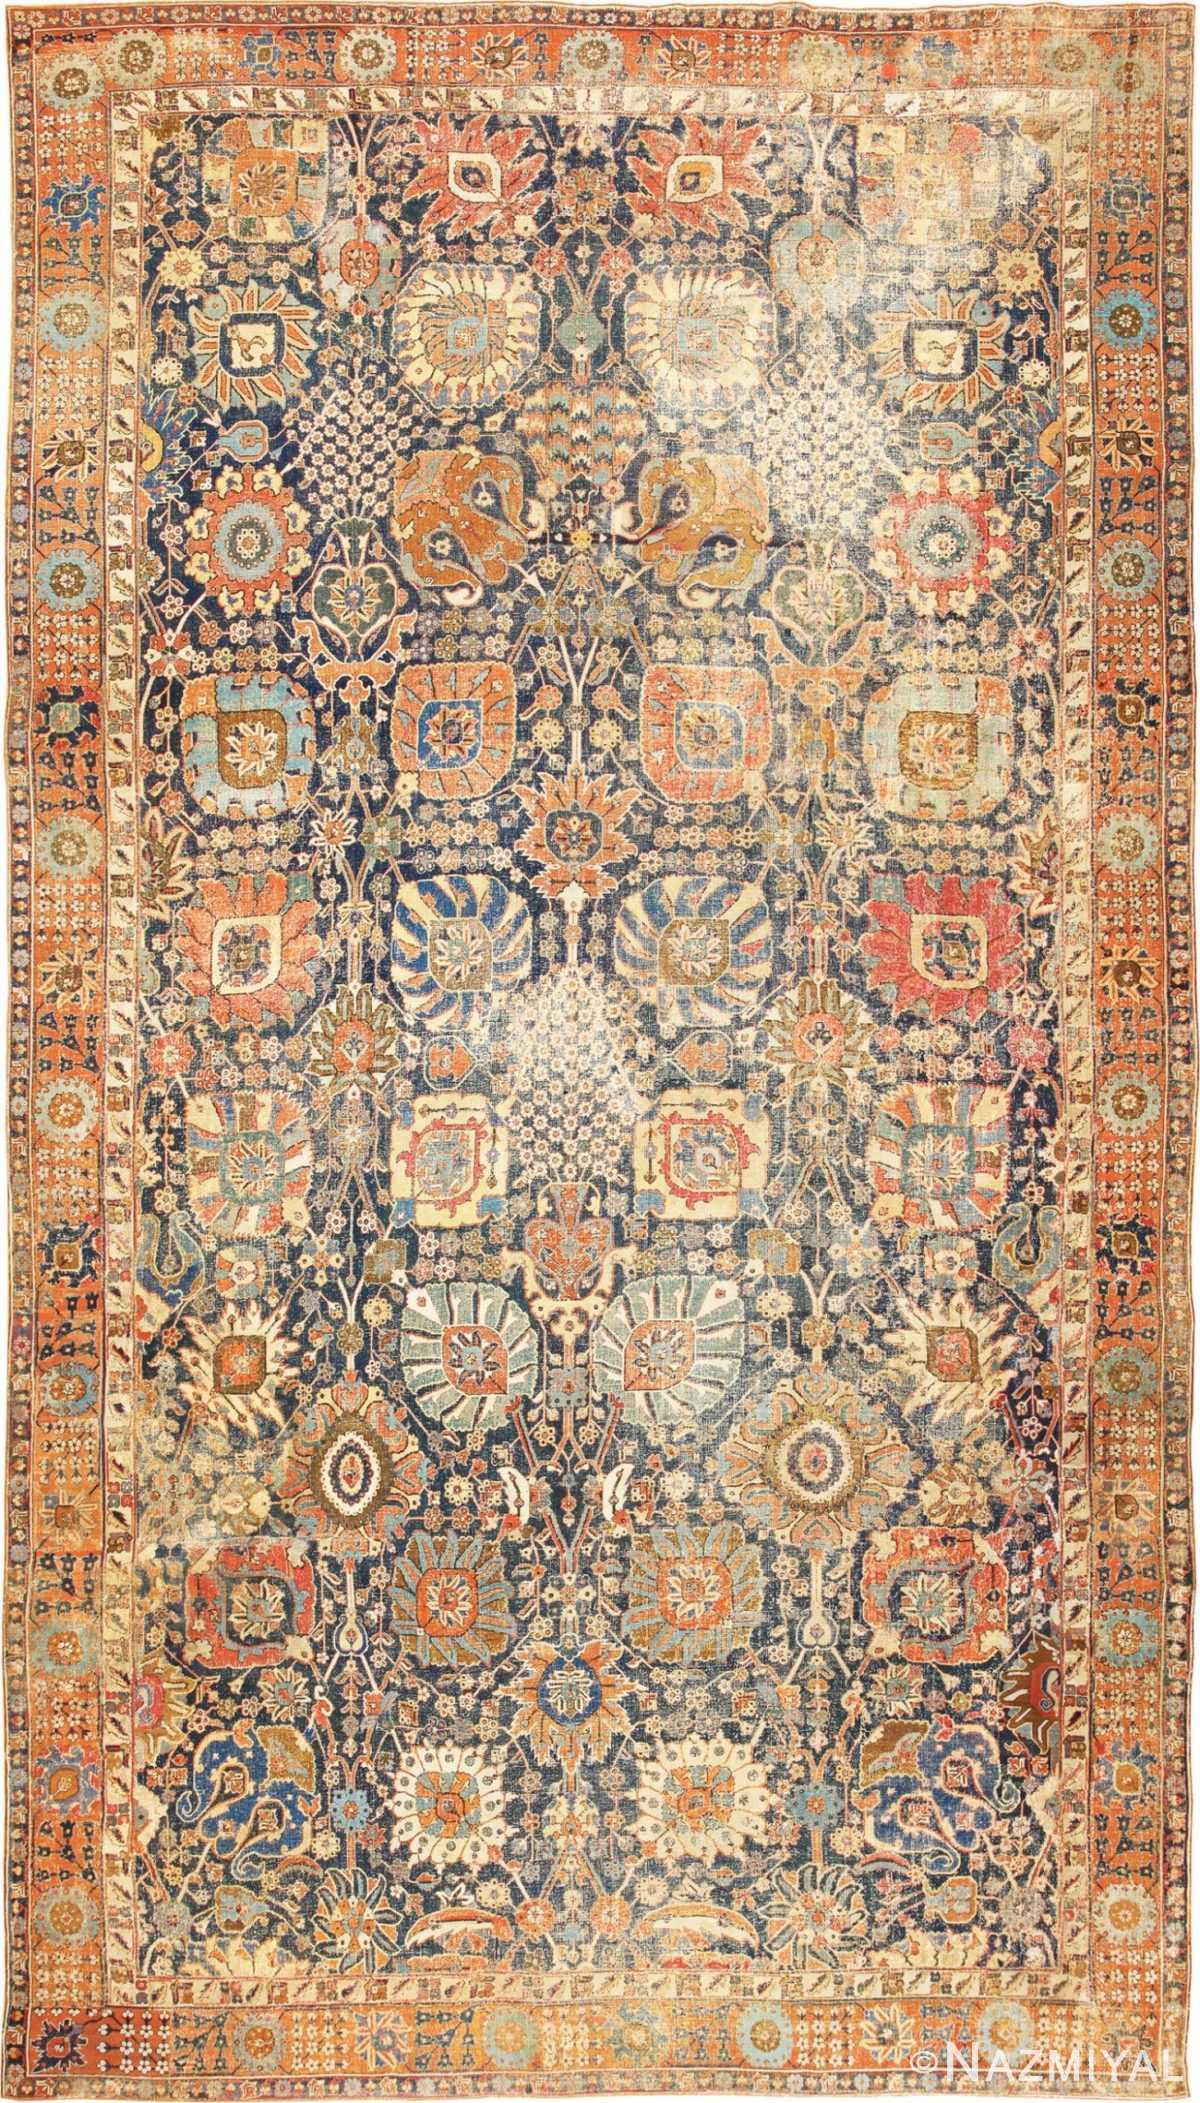 17th Century Persian Vase Kerman Carpet 45770 Nazmiyal